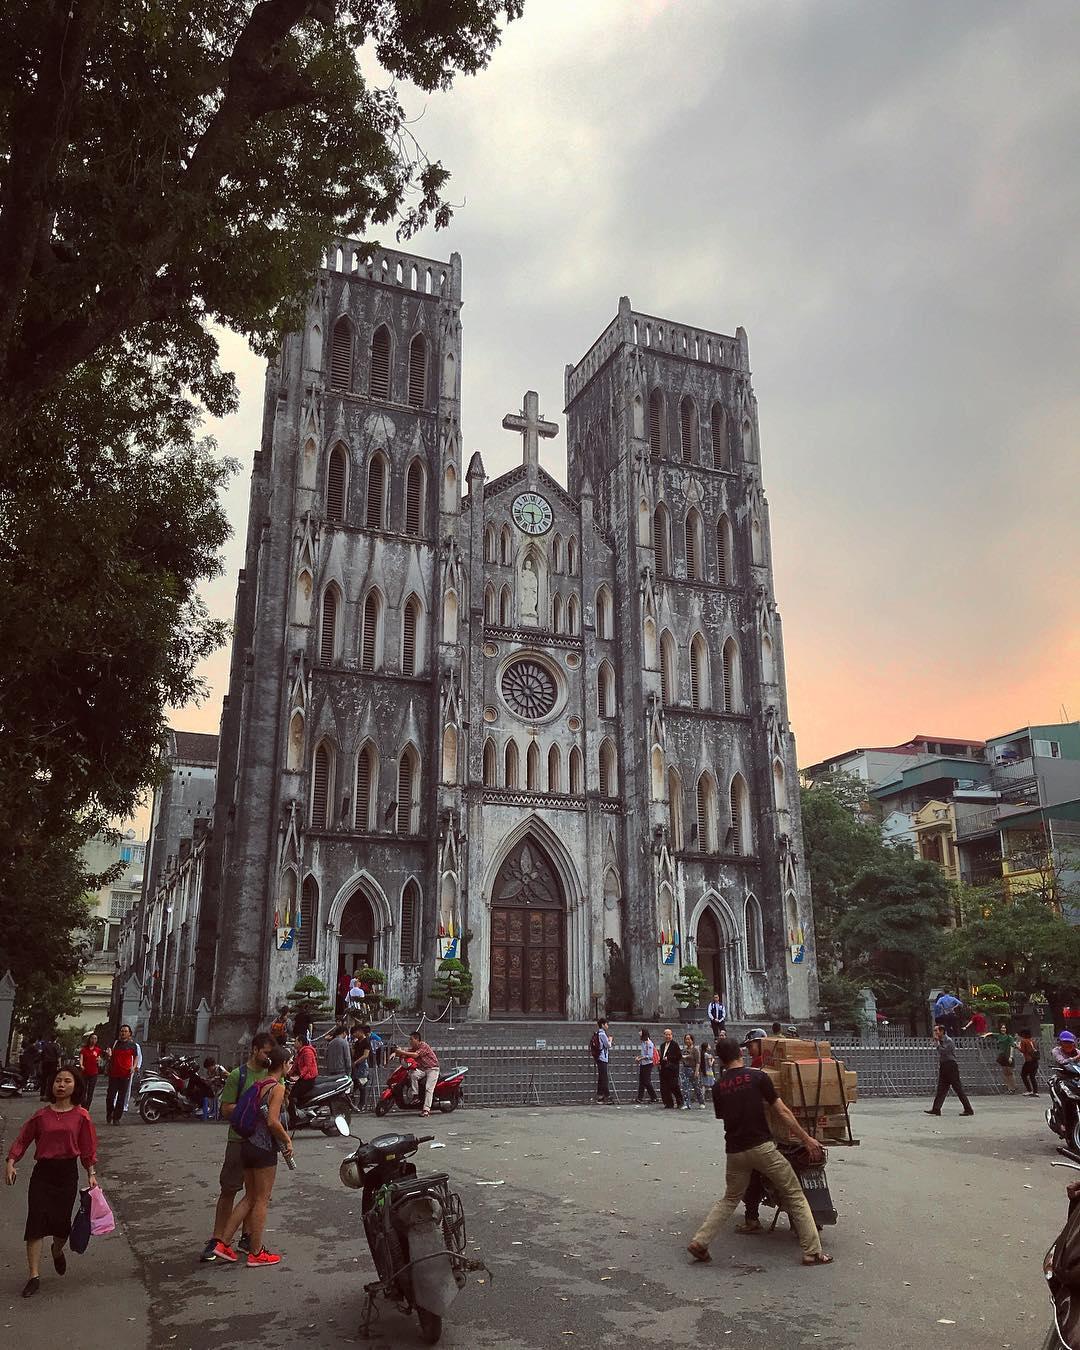 Nhà thờ Lớn Hà Nội là một trong những khu vui chơi giải trí ở Hà Nội